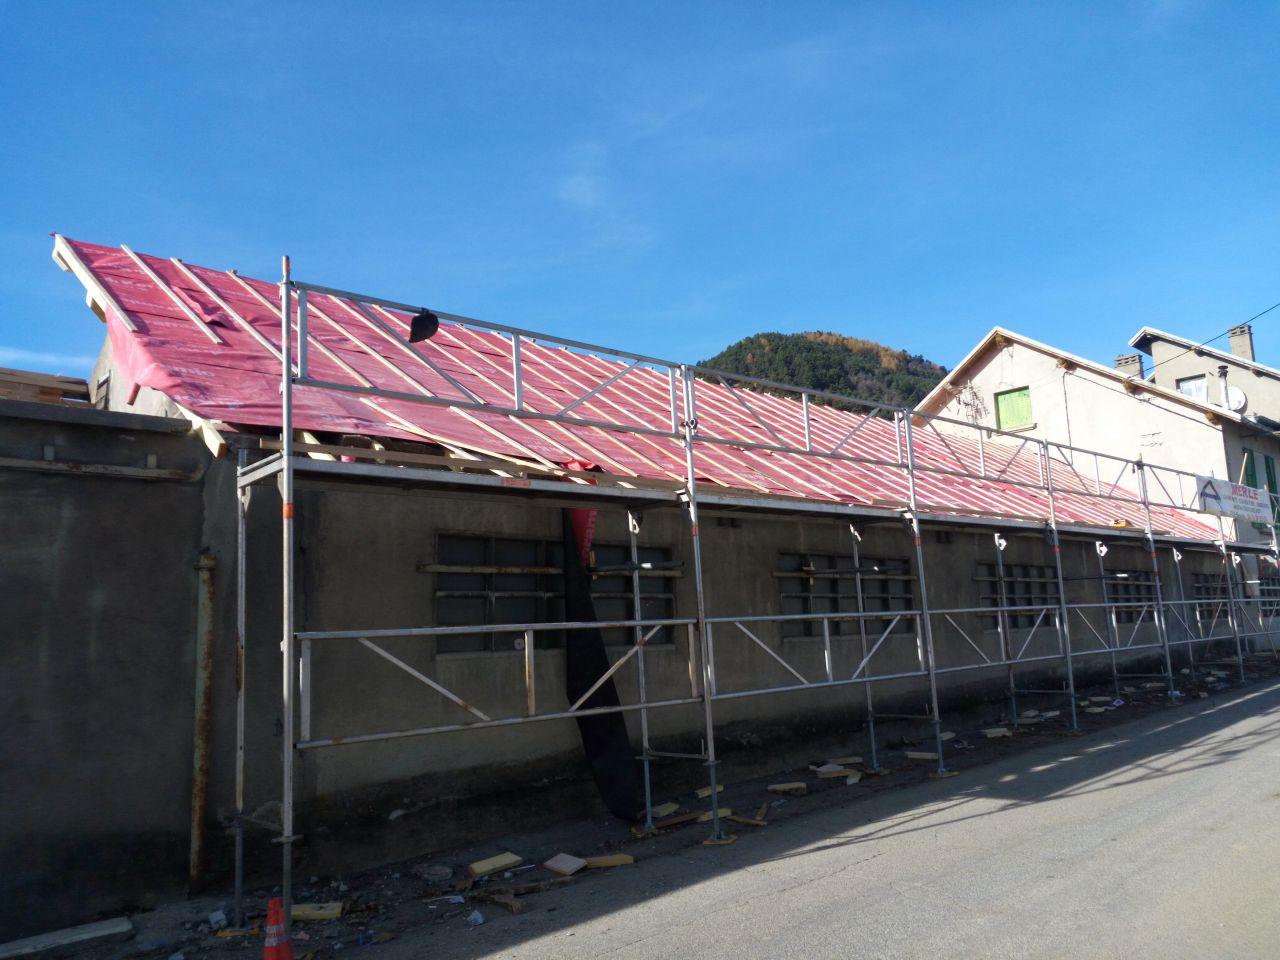 travaux de toiture en cours - face est côté rue